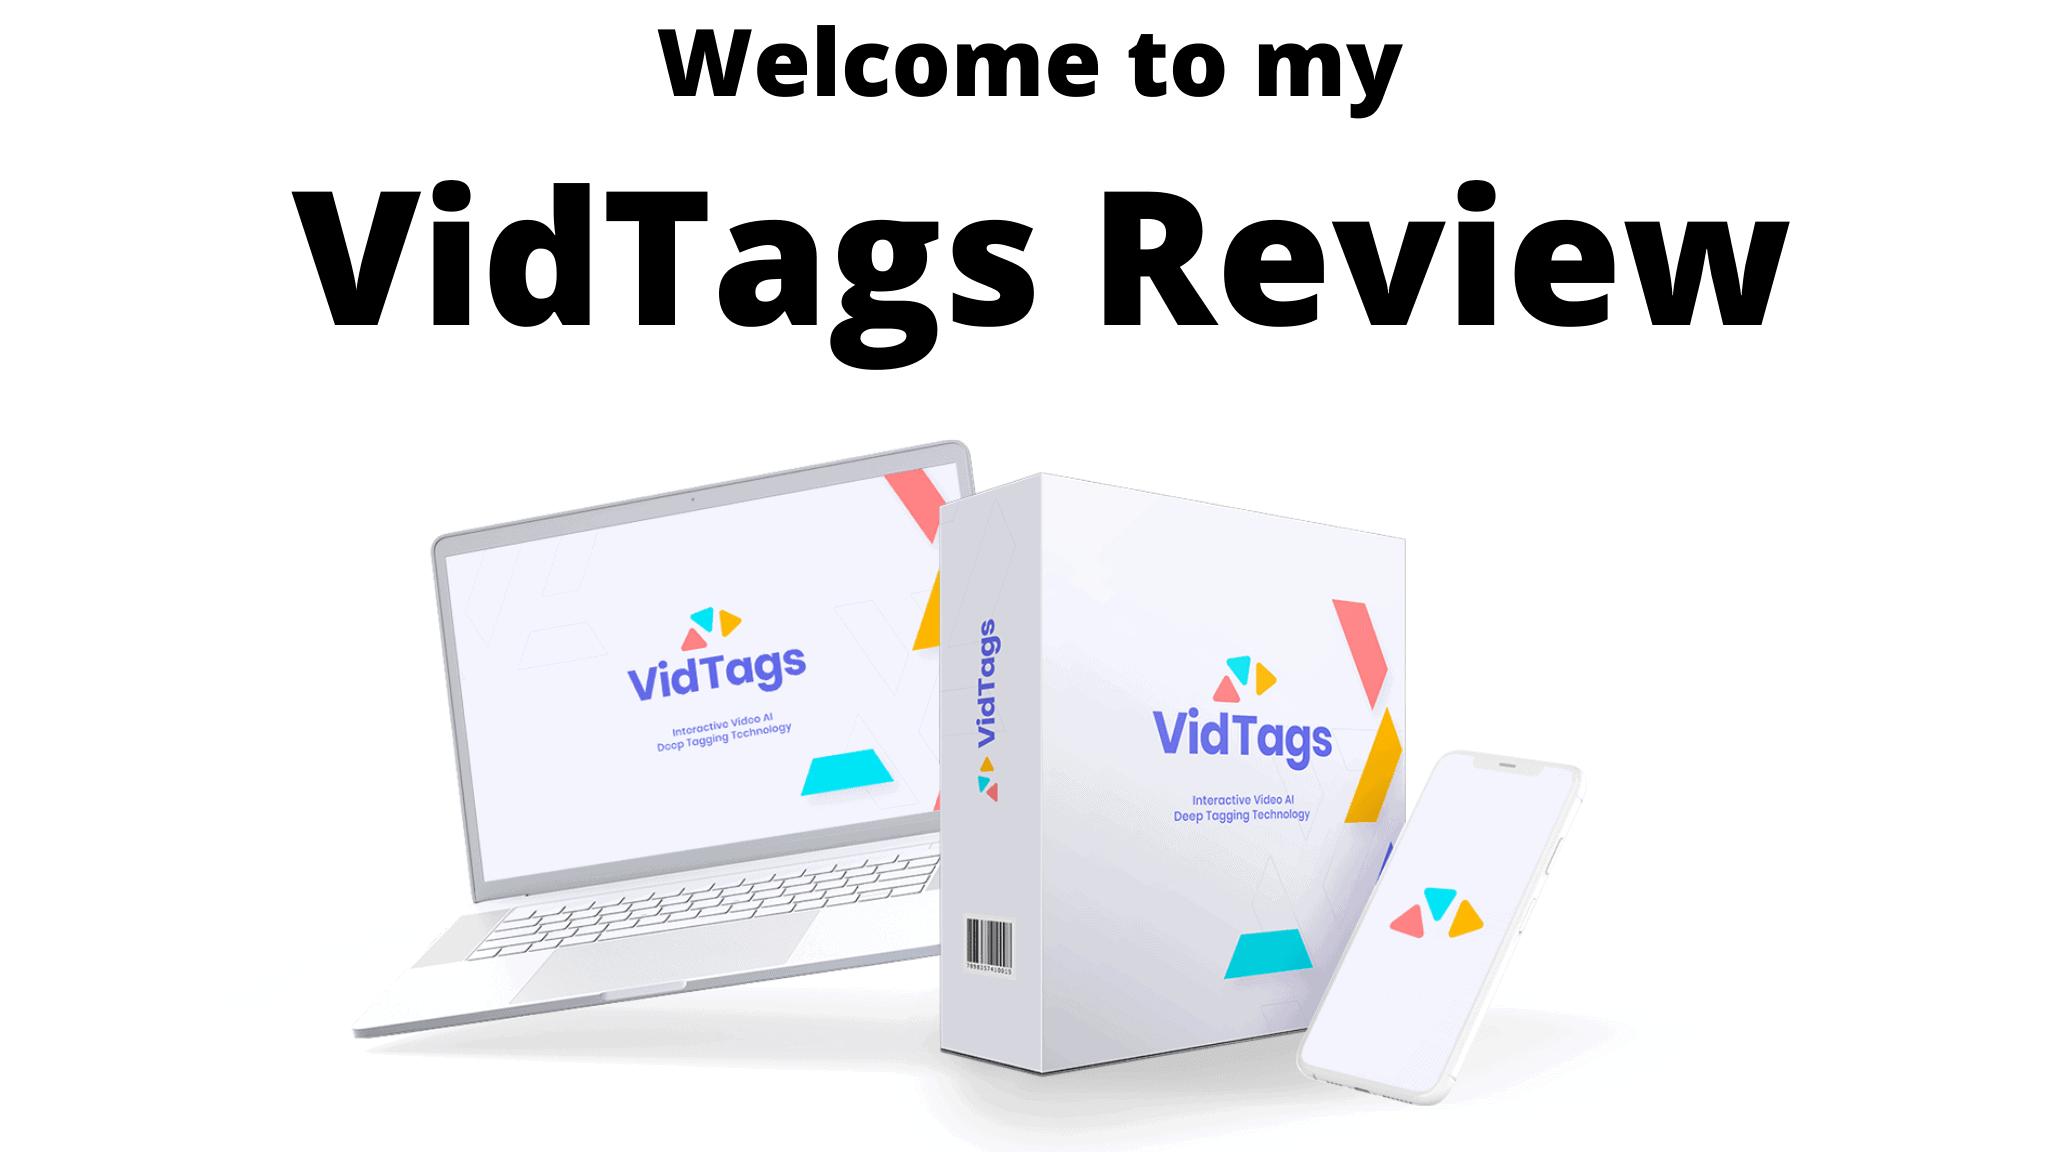 VidTags Review